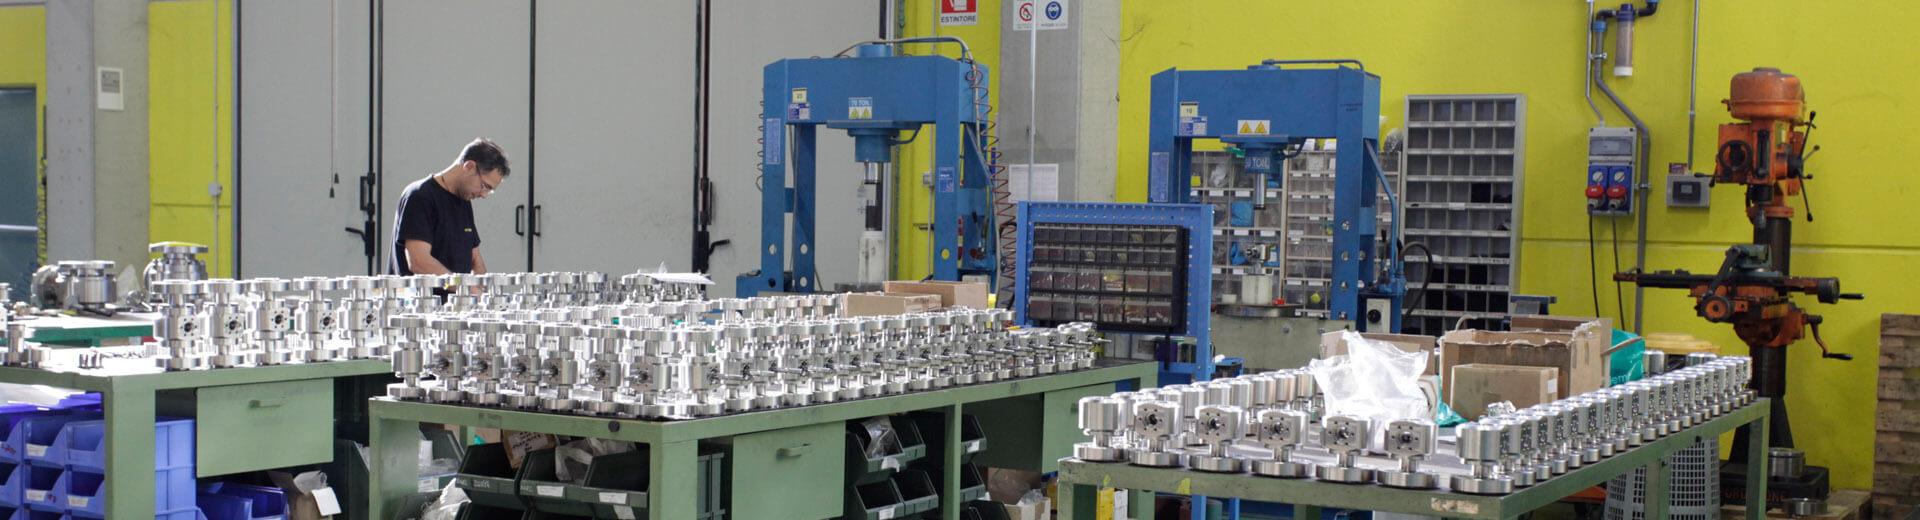 Steeltrade-valvole-industriali_1-1